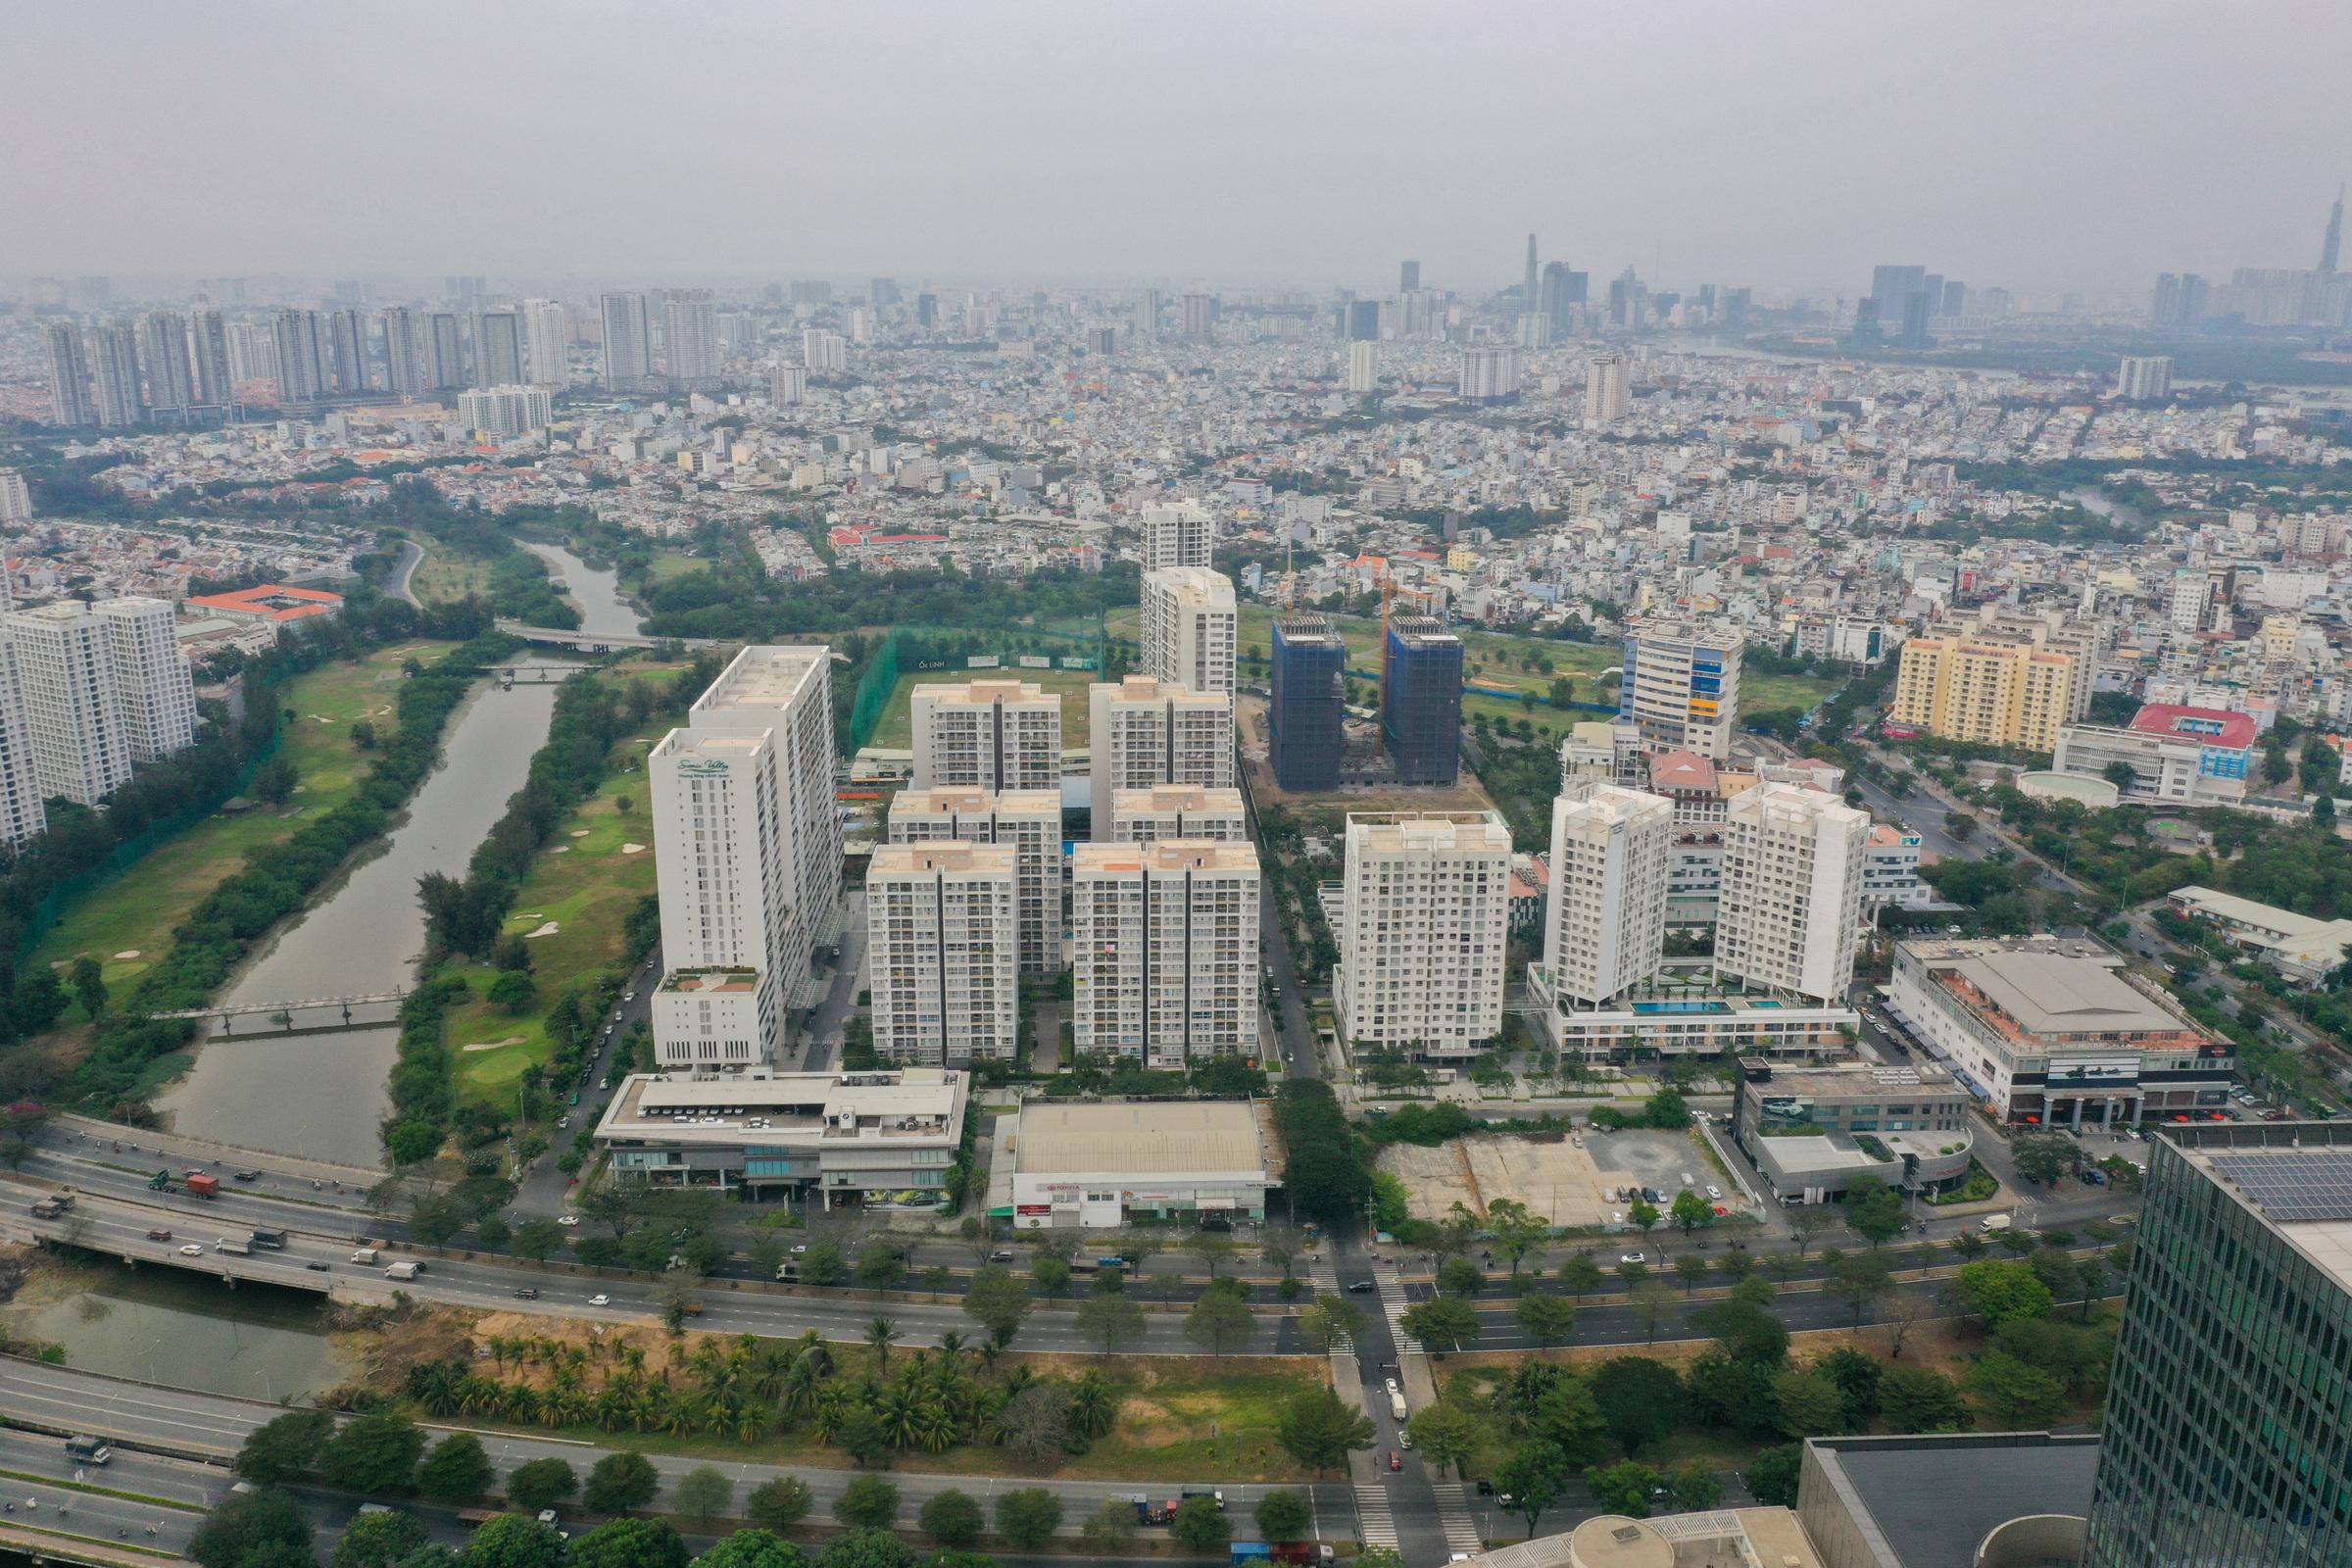 Thị trường nhà chung cư phía Nam TP HCM. Ảnh: Quỳnh Trần